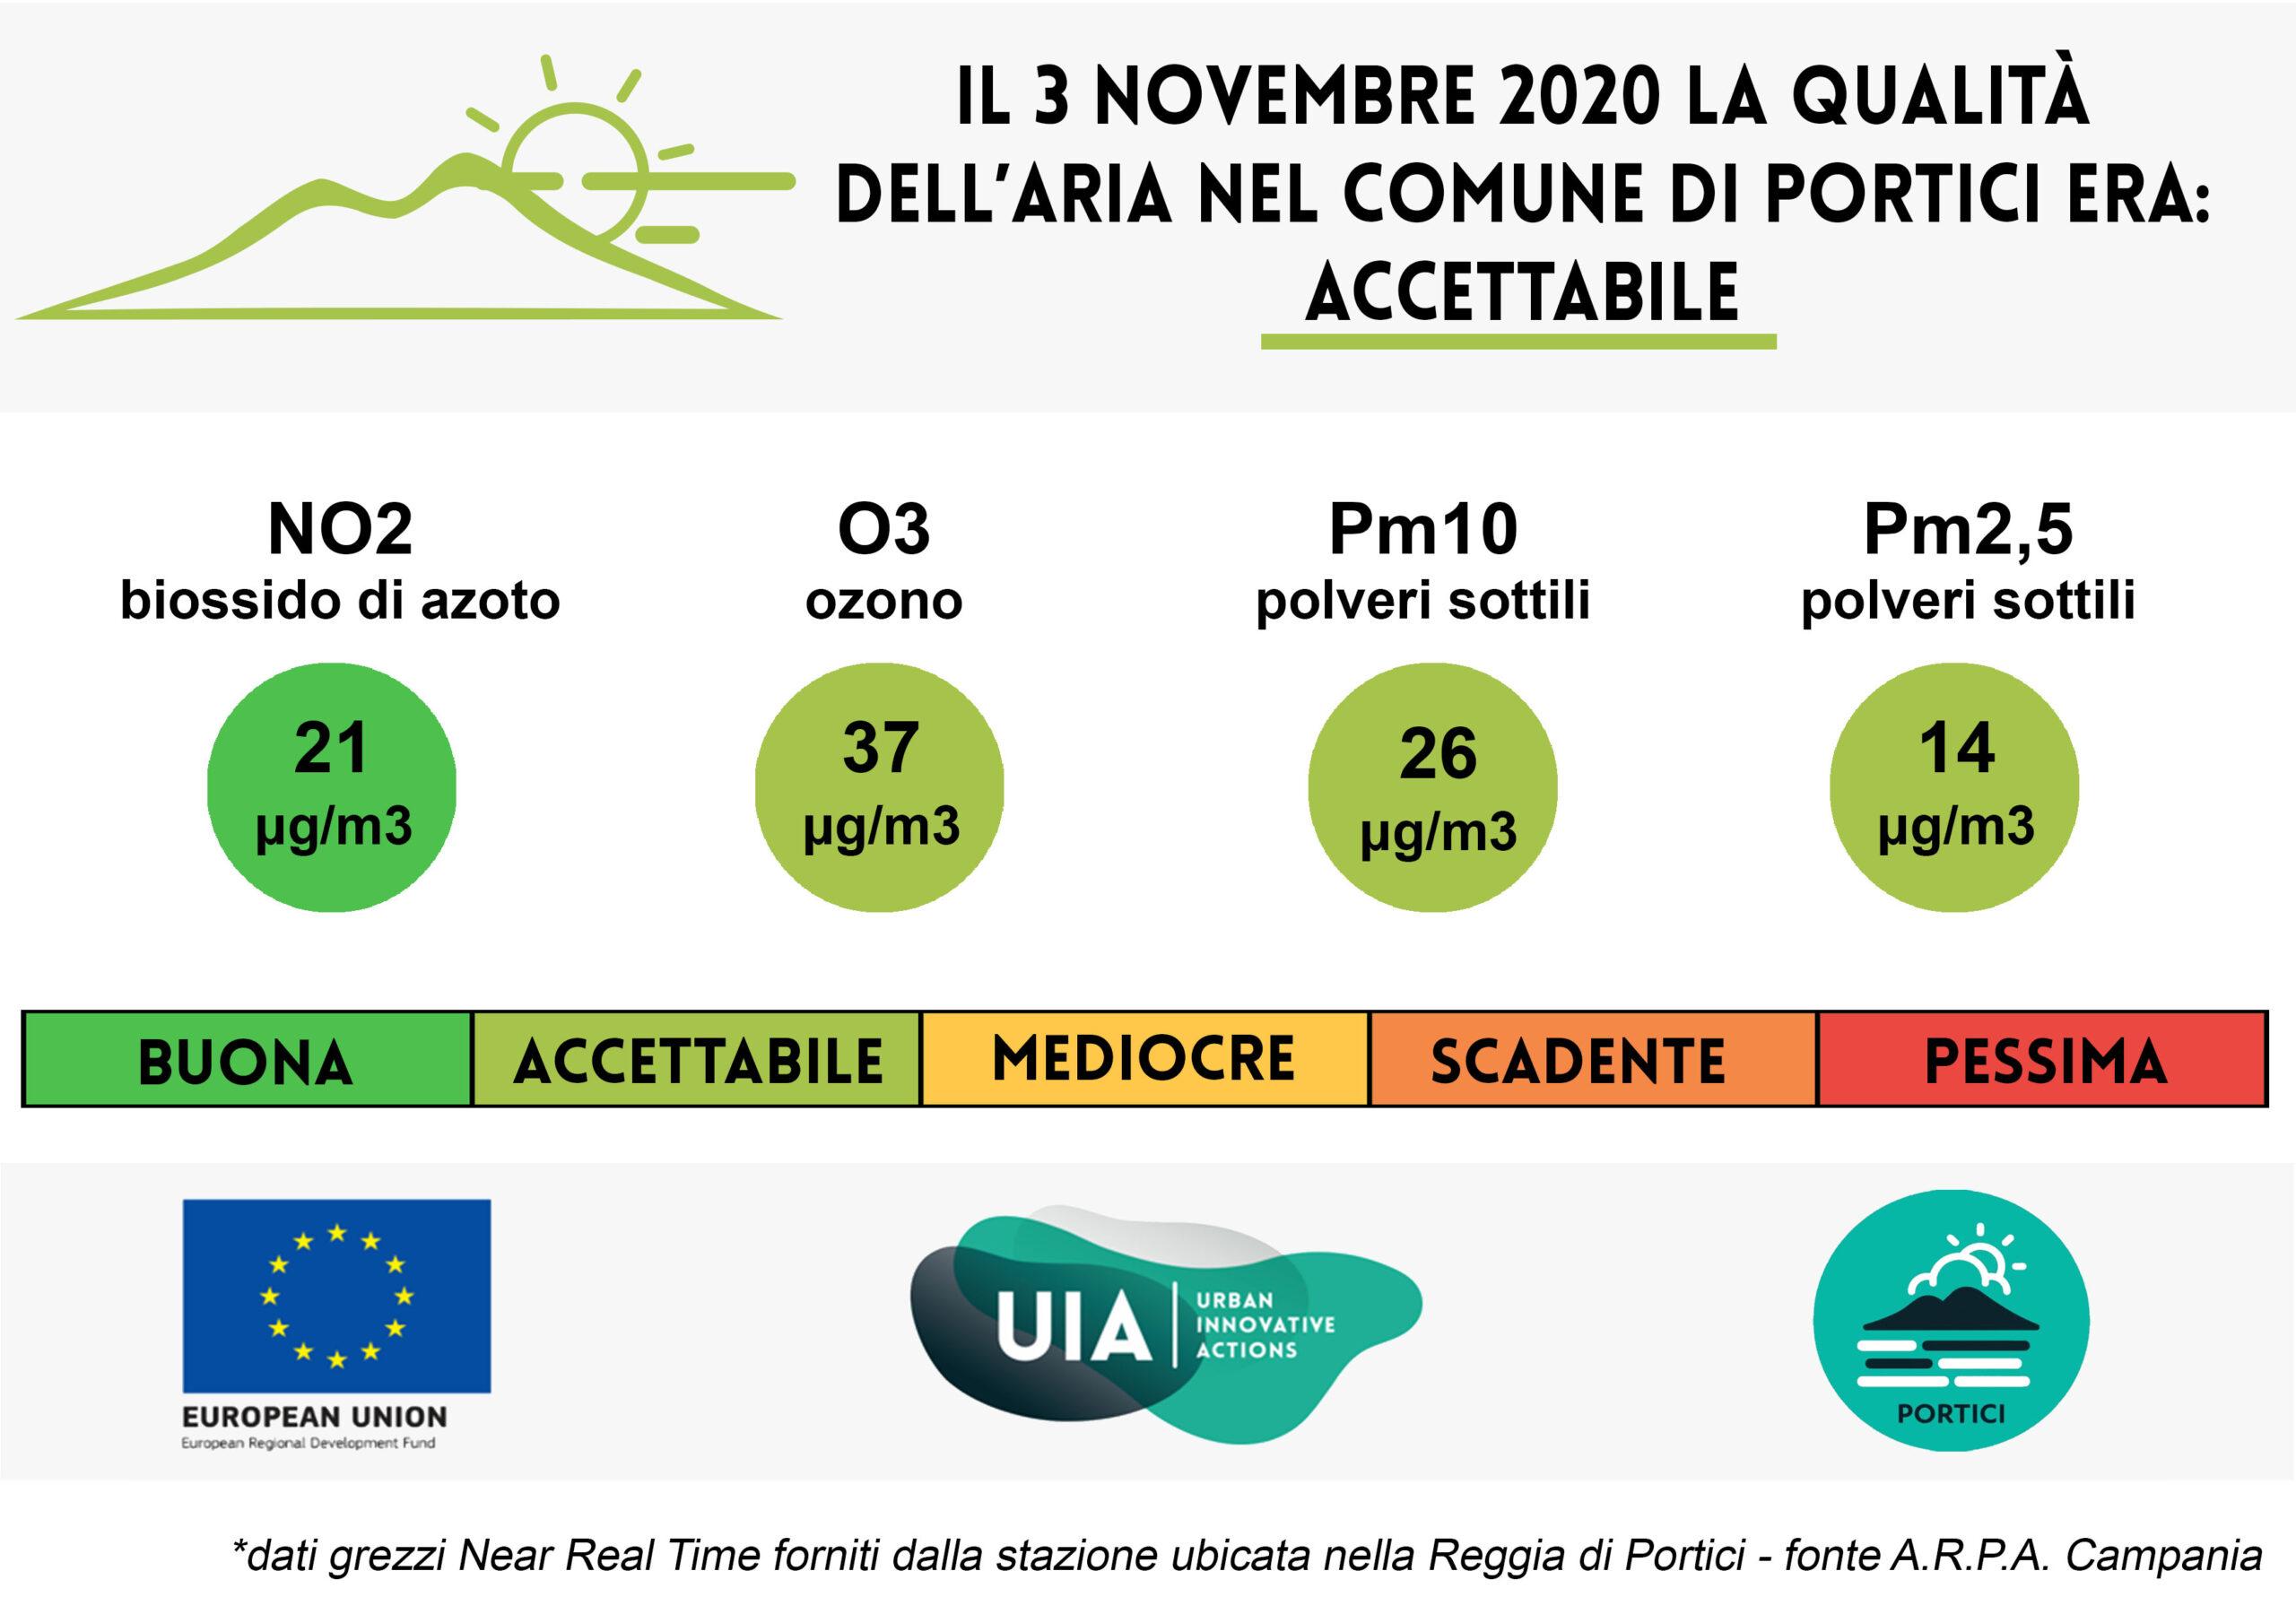 Bollettino del 3 novembre 2020